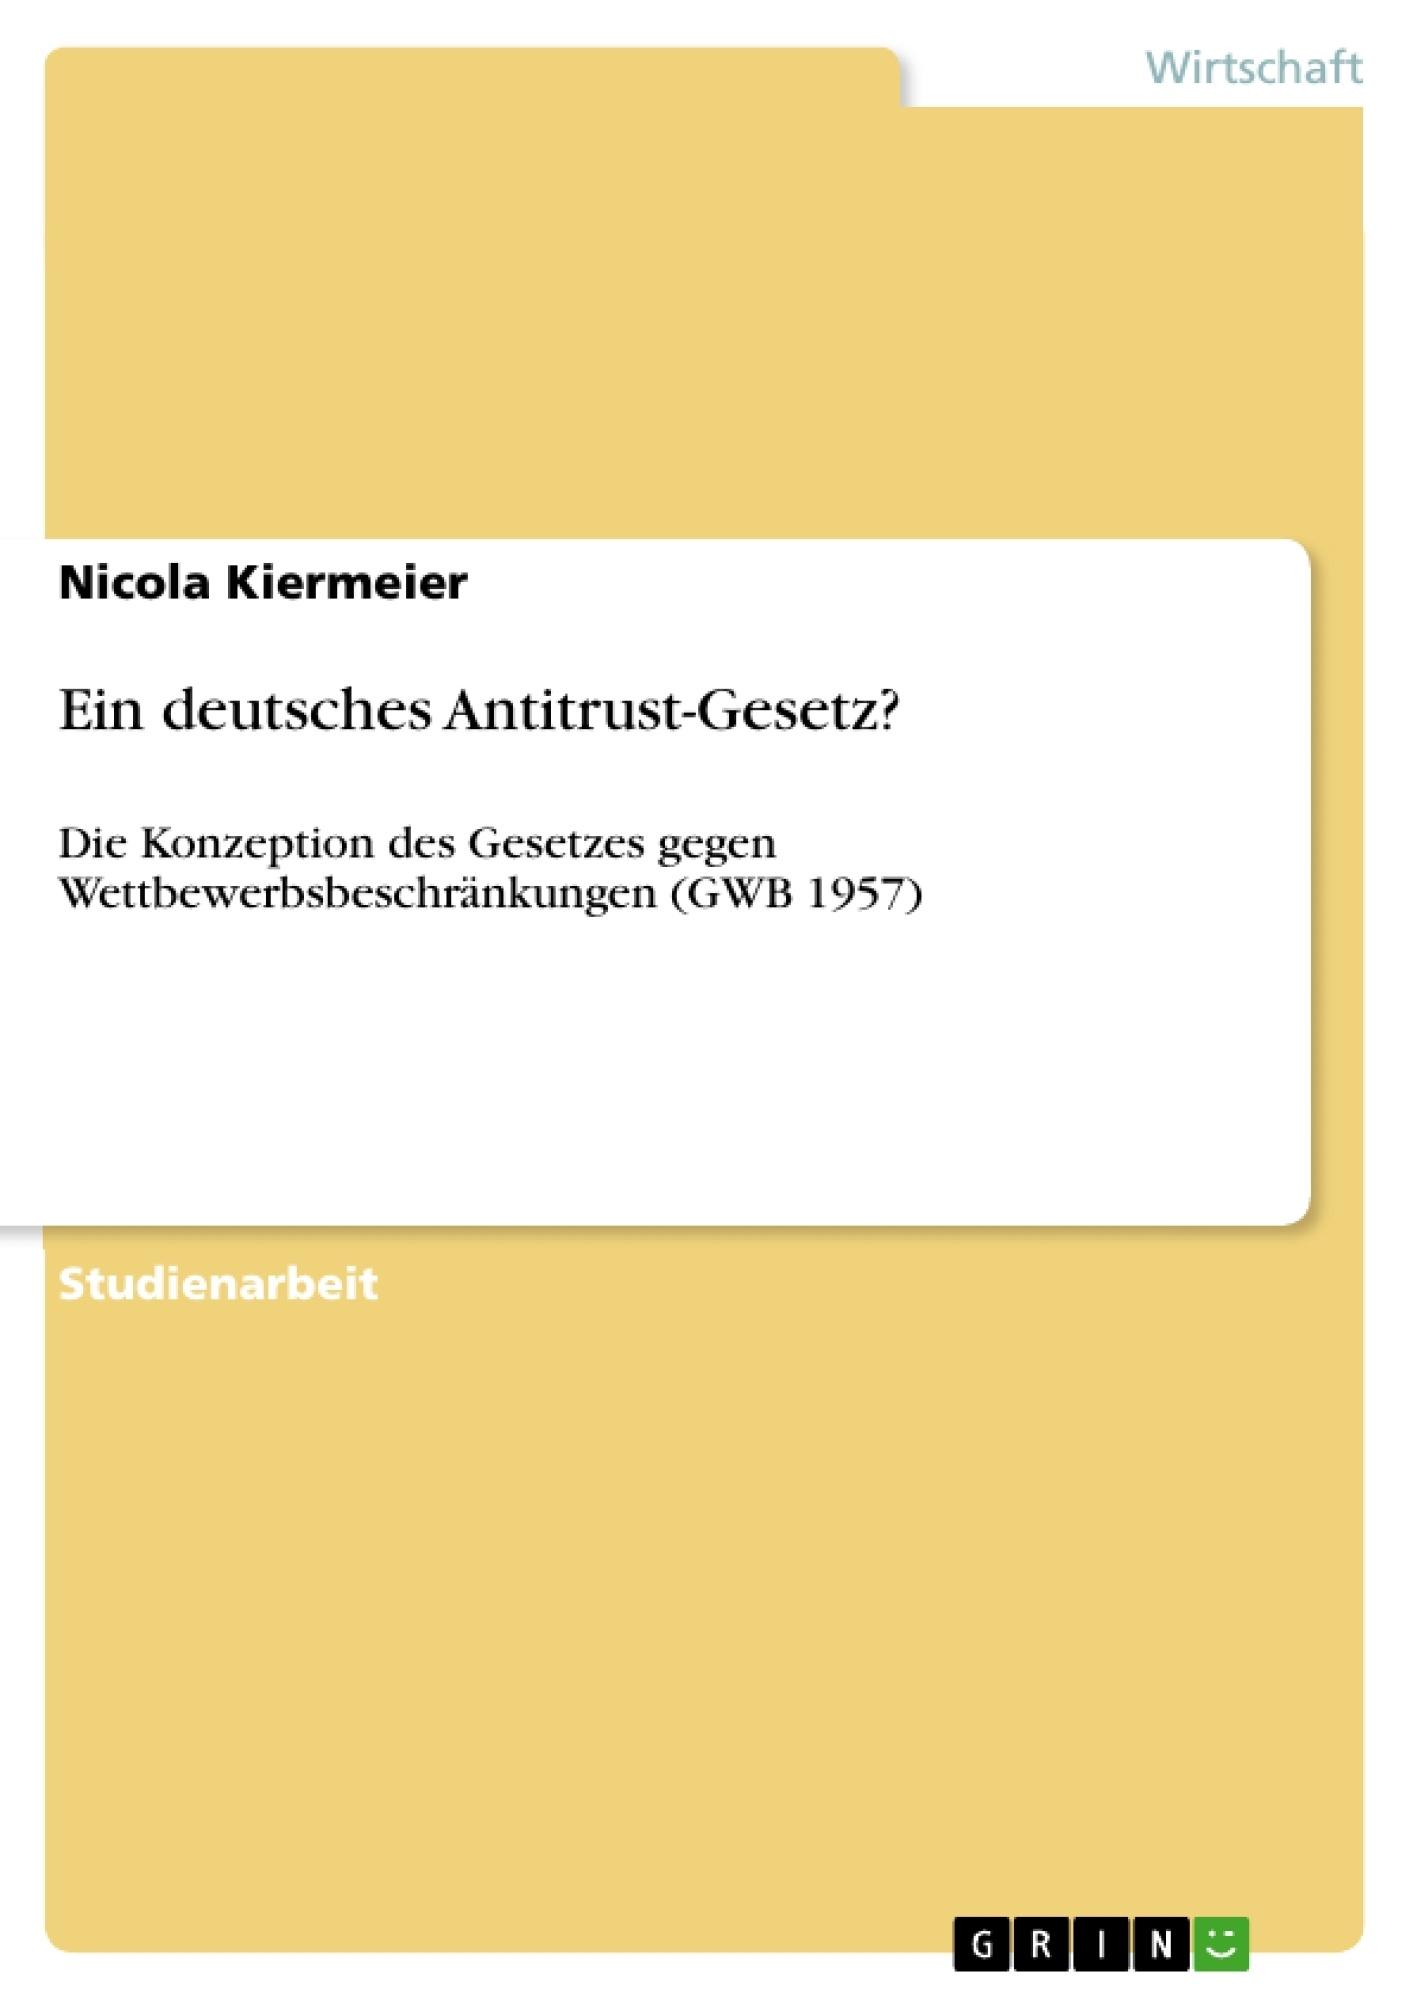 Titel: Ein deutsches Antitrust-Gesetz?